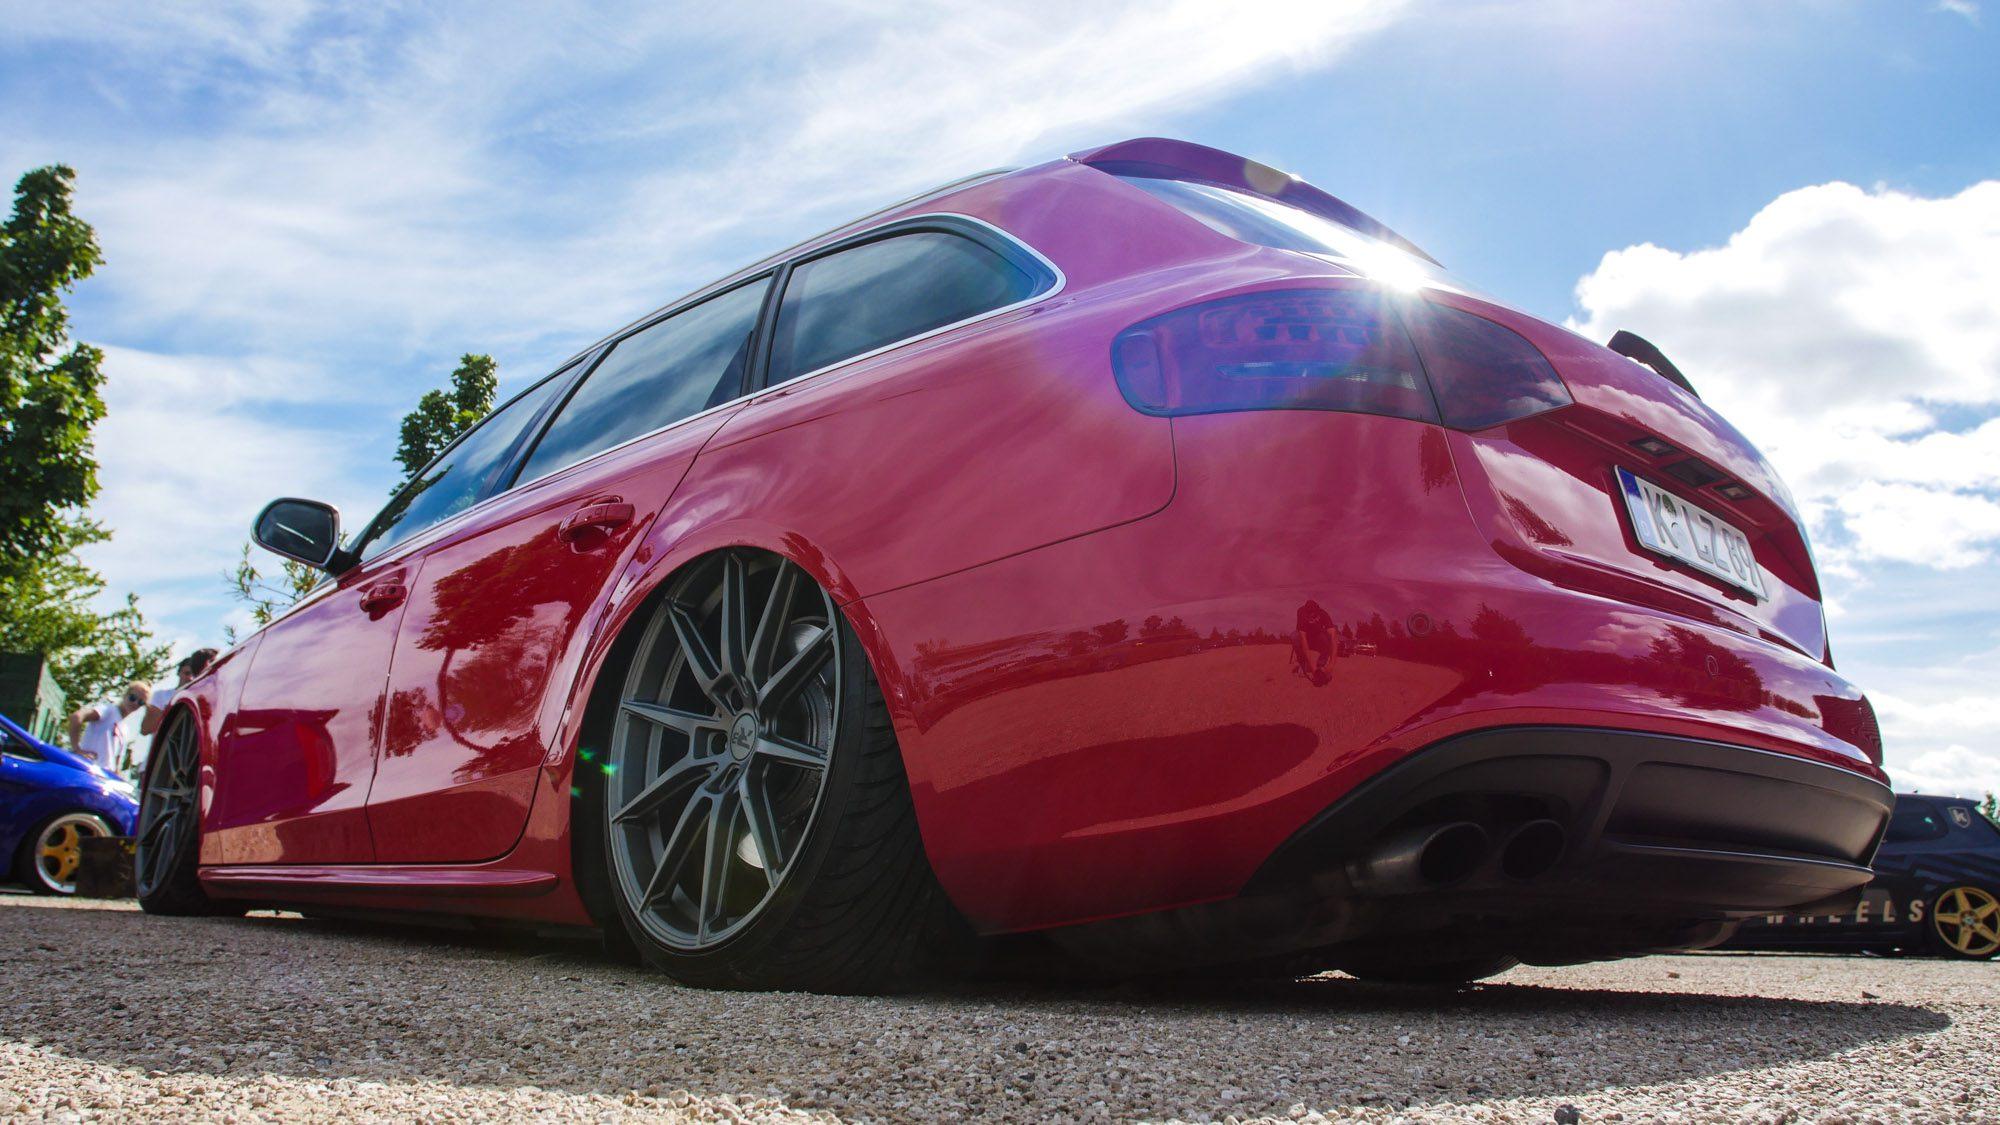 Heckpartie des Audi S4 Avant